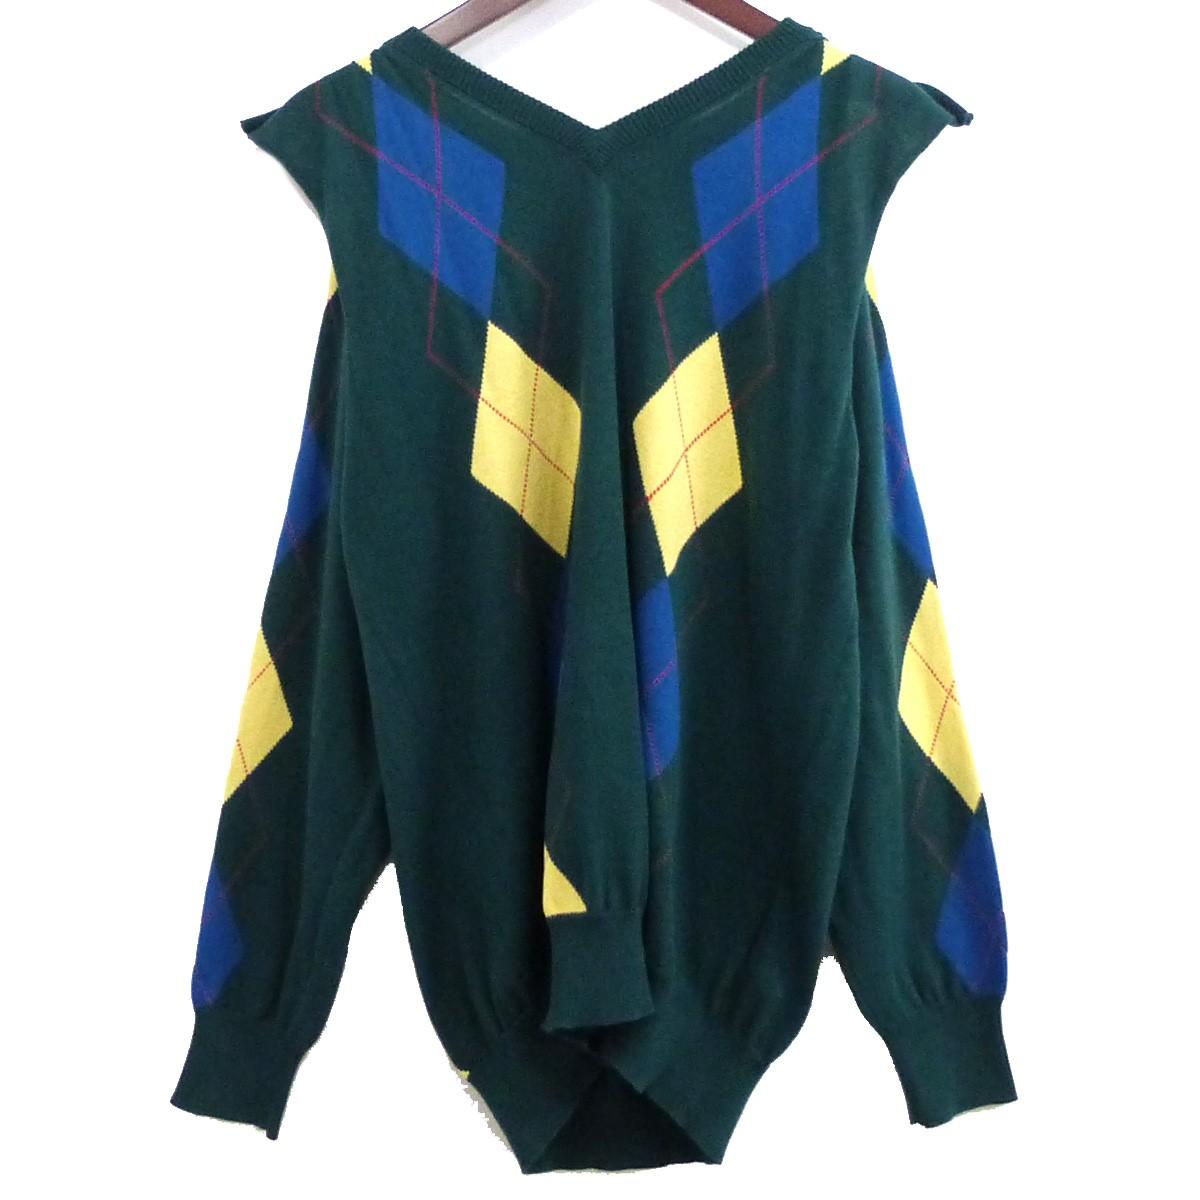 【中古】TOGA ARCHIVES 19SS「Argyle Knit Pullover」アーガイルニットプルオーバー グリーン サイズ:36 【220420】(トーガアーカイブ)